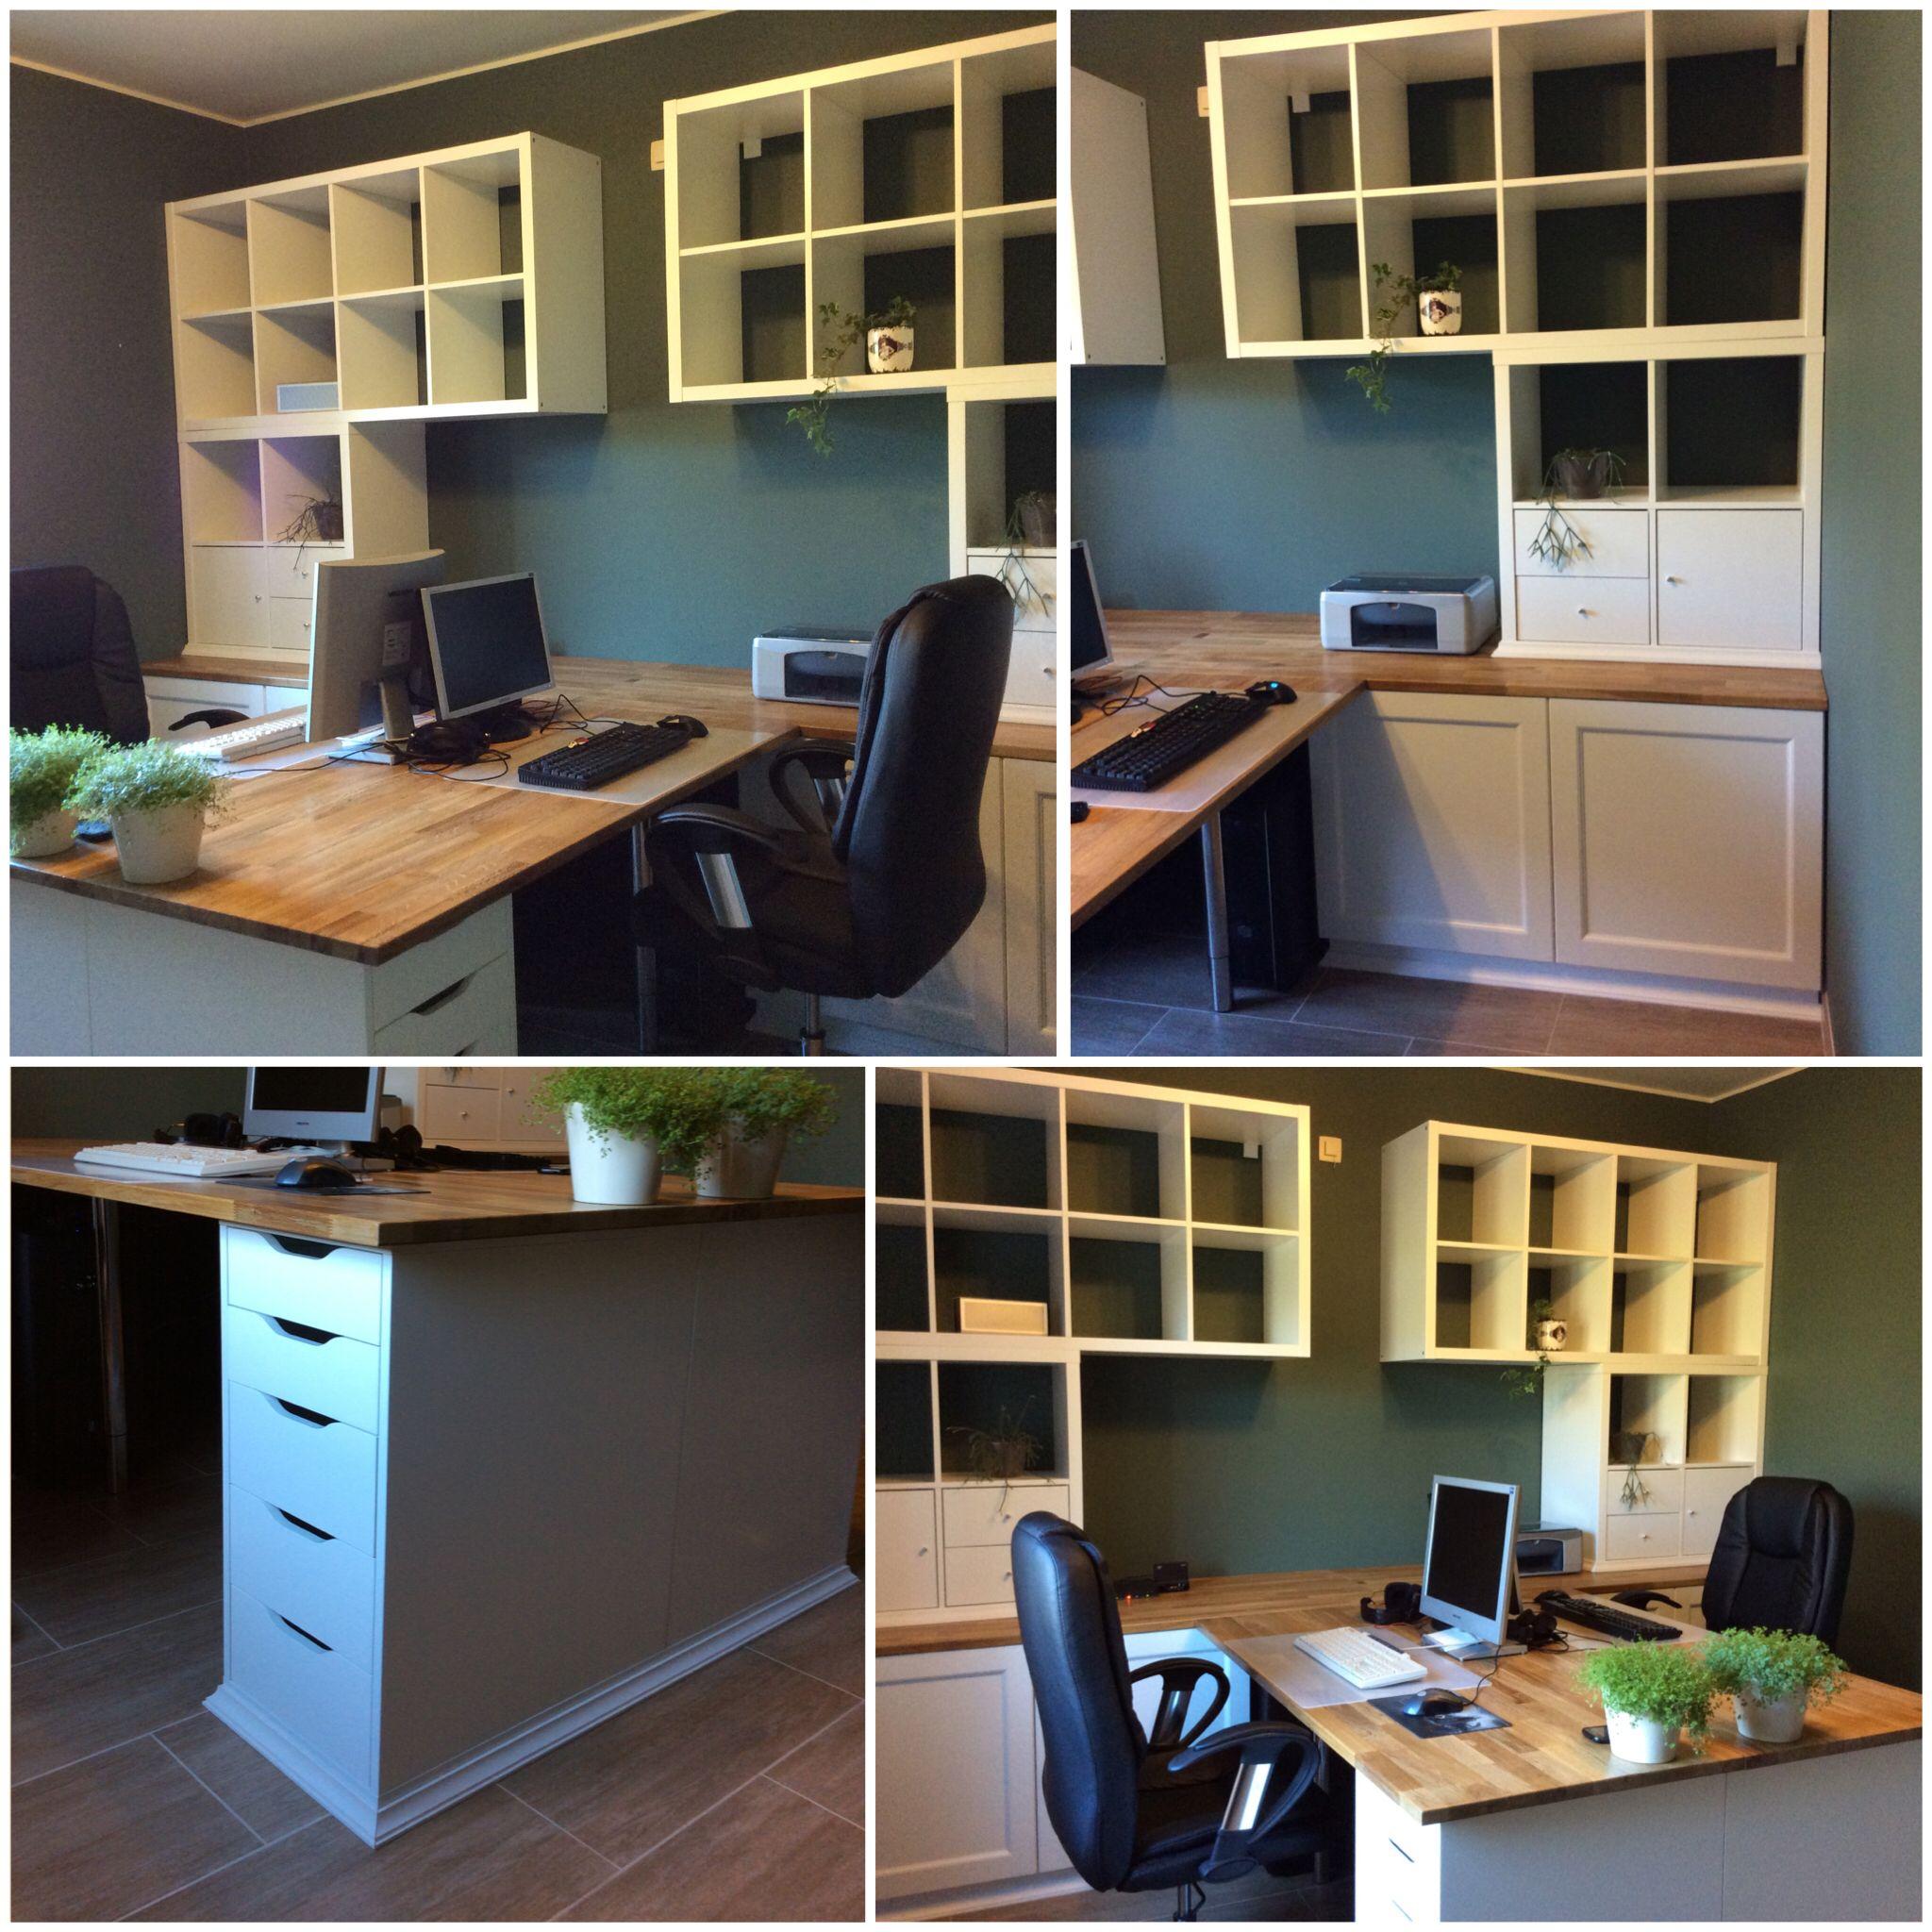 Notre Bureau Diy A Partir De Meubles Ikea Besta Kallax Alex